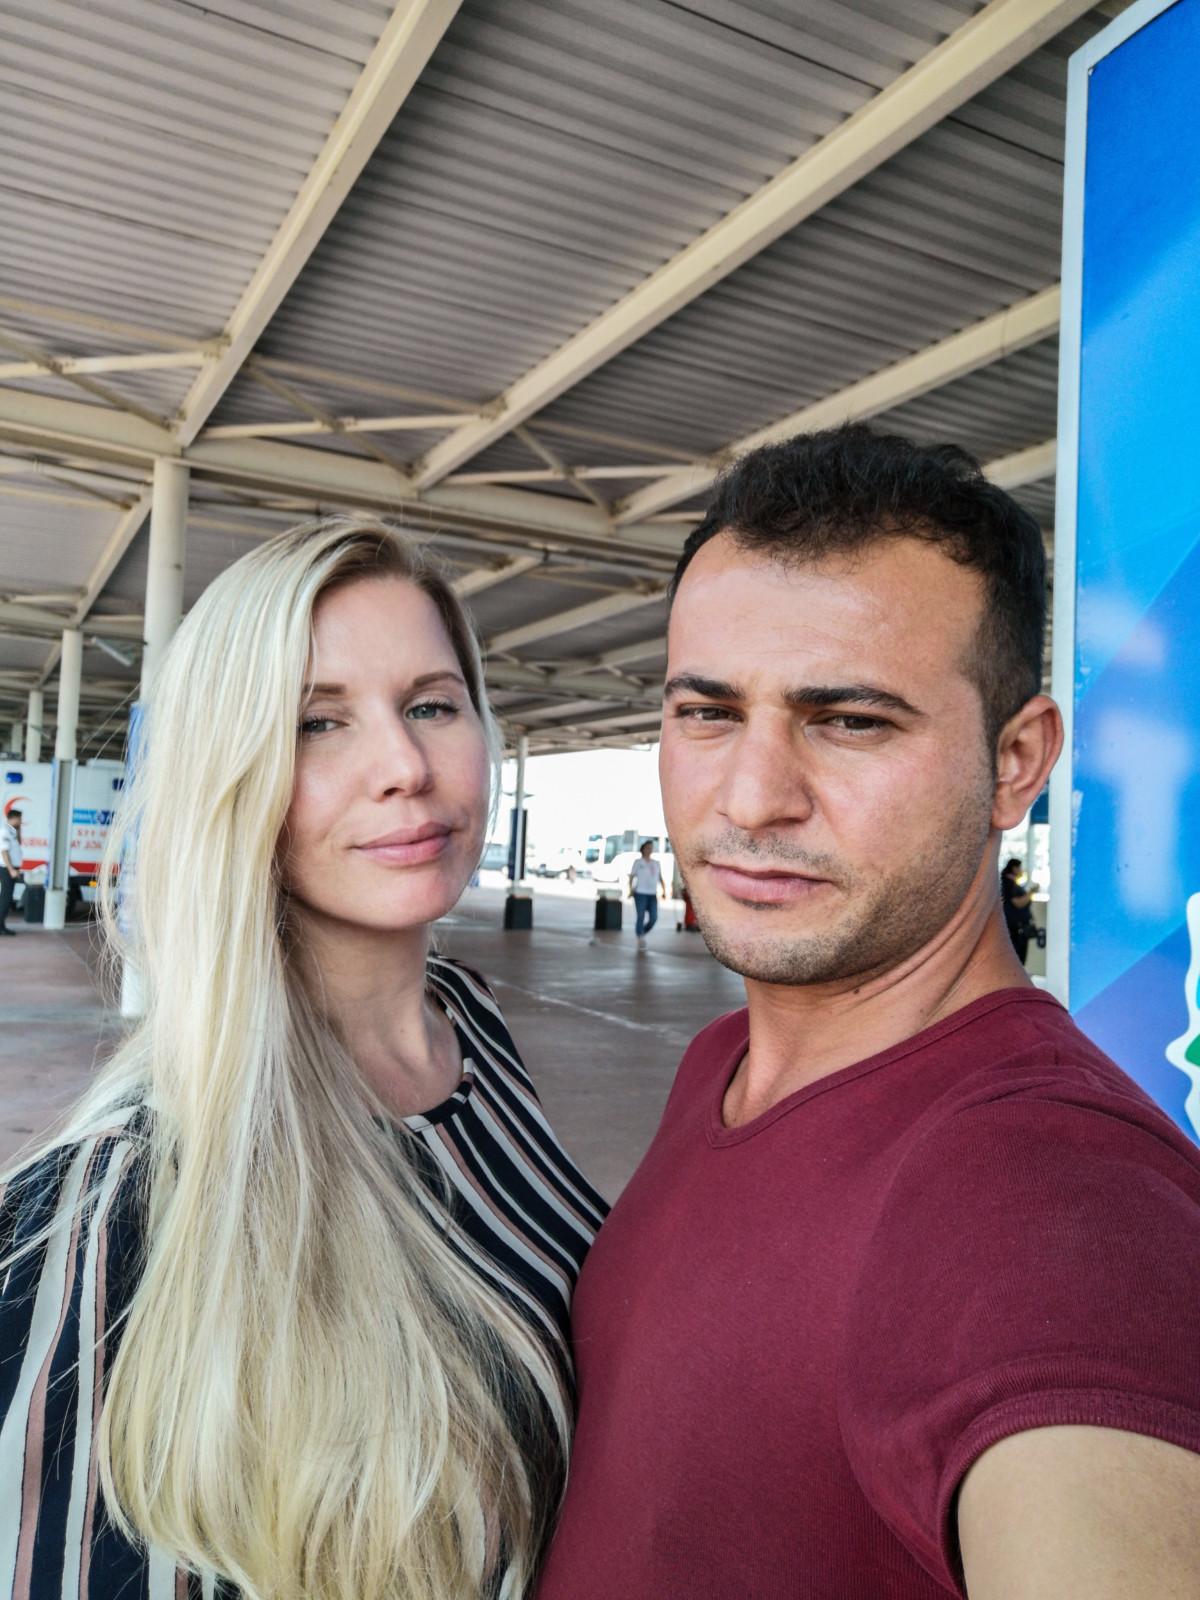 Søk etter mannen min på dating sites hastighet dating EM Porto Alegre